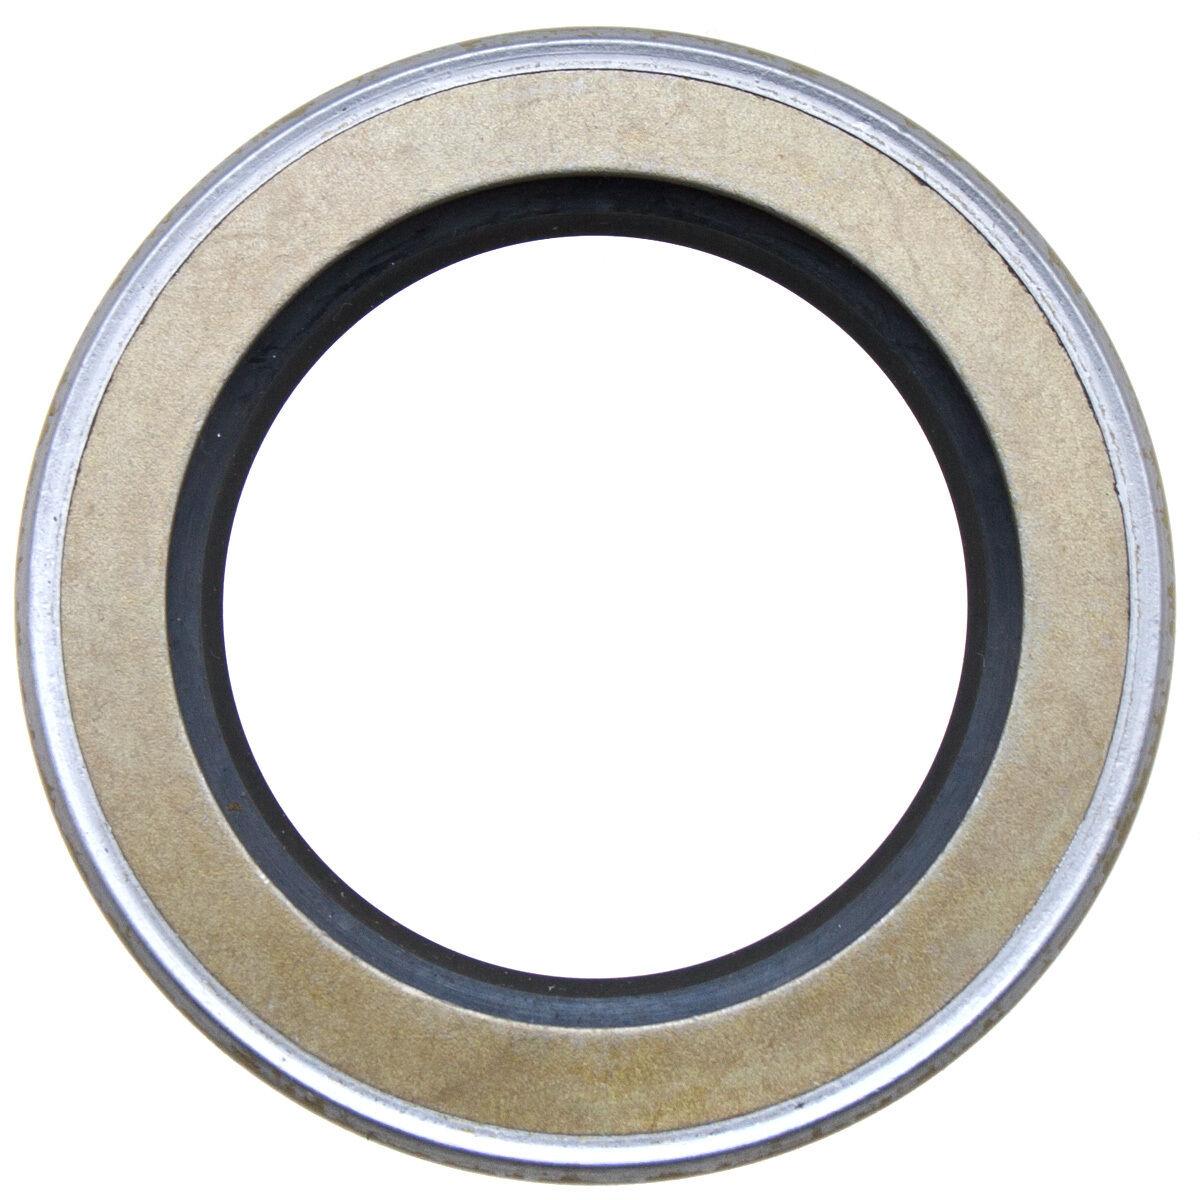 10-radial ondas denso anillos de de de 90 x 130 x 13 mm d2 NBR 70 0697bf